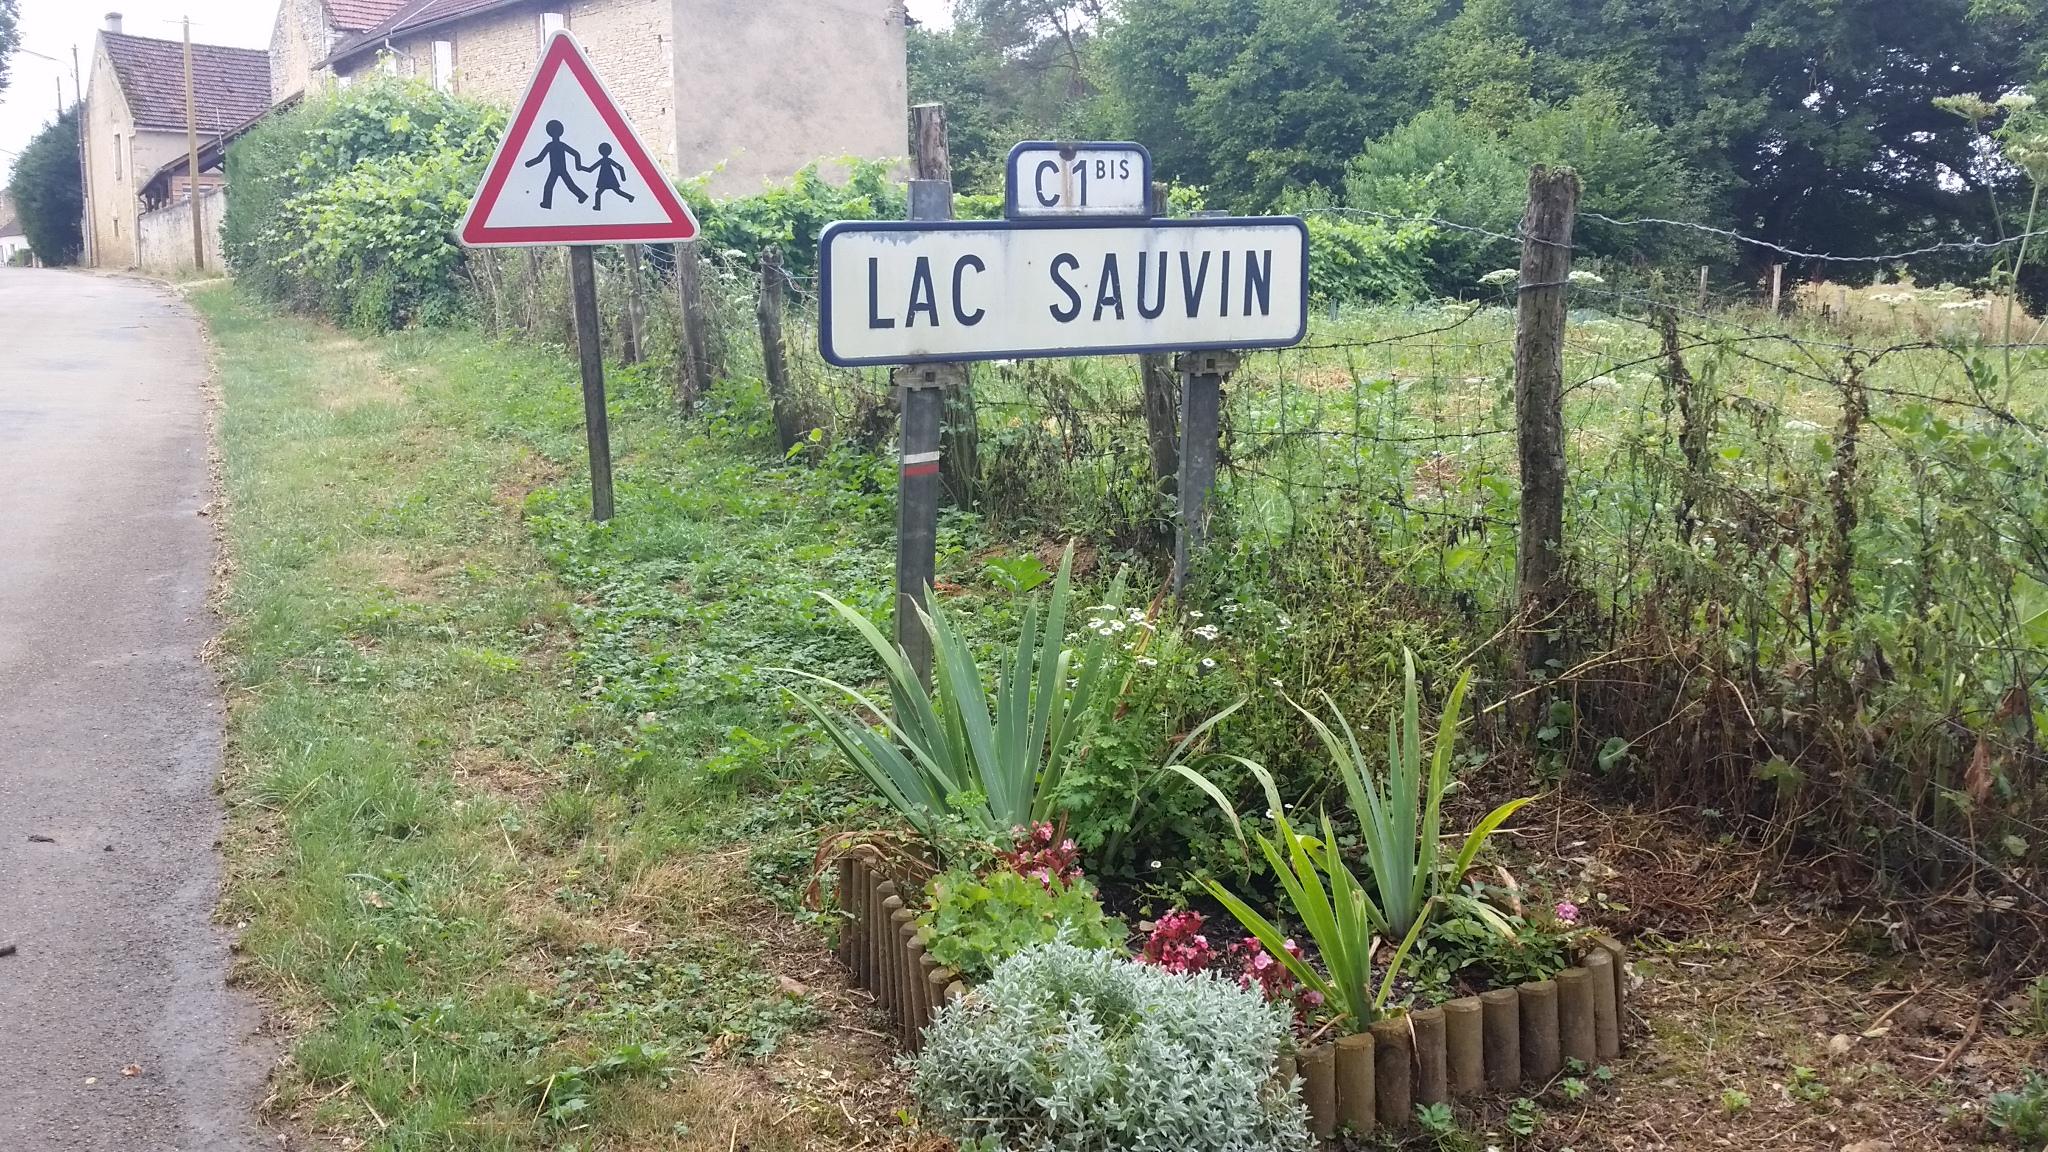 Lac Sauvin / La Jarrie